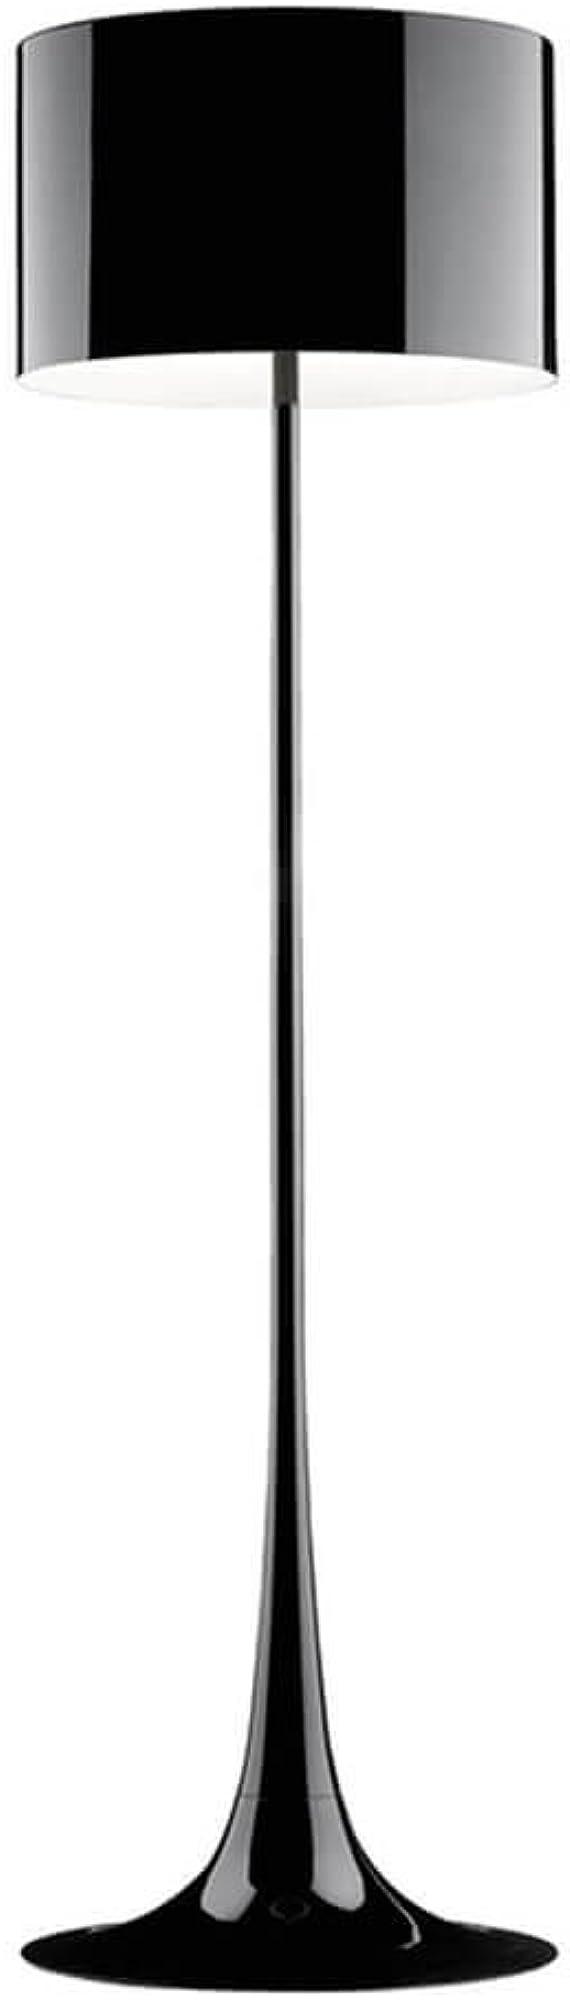 Flos spun light f lampada da terra nero lucido in alluminio F6612030